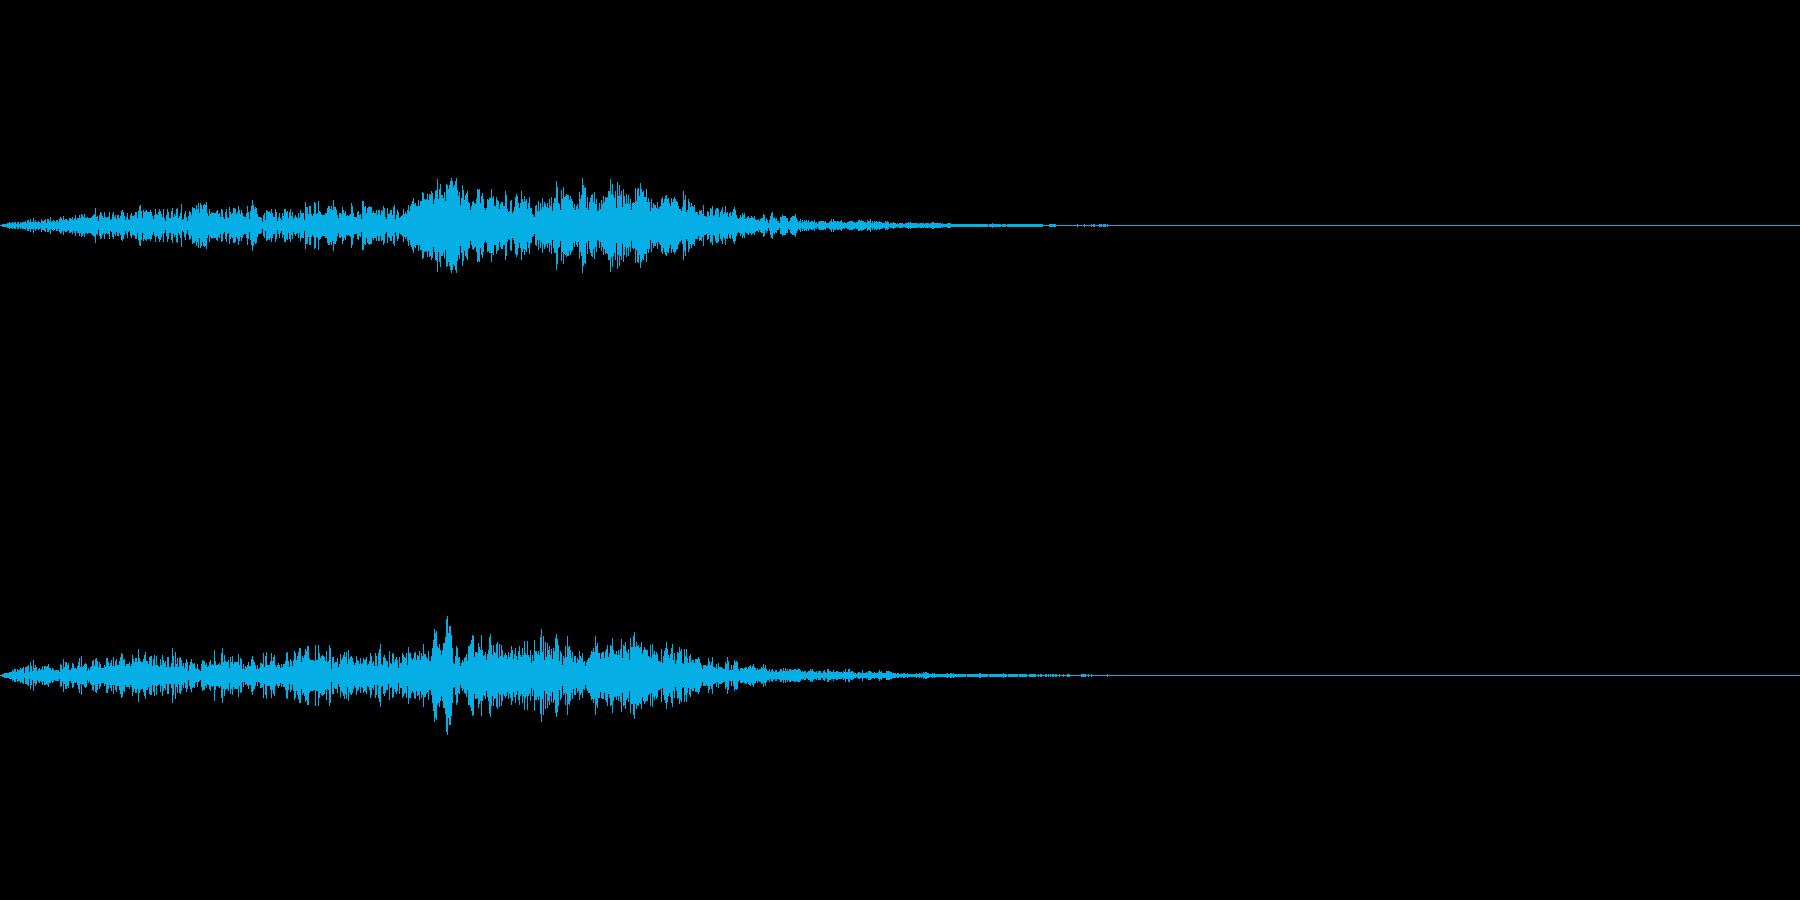 「象の鳴き声みたいなブラス音」の再生済みの波形